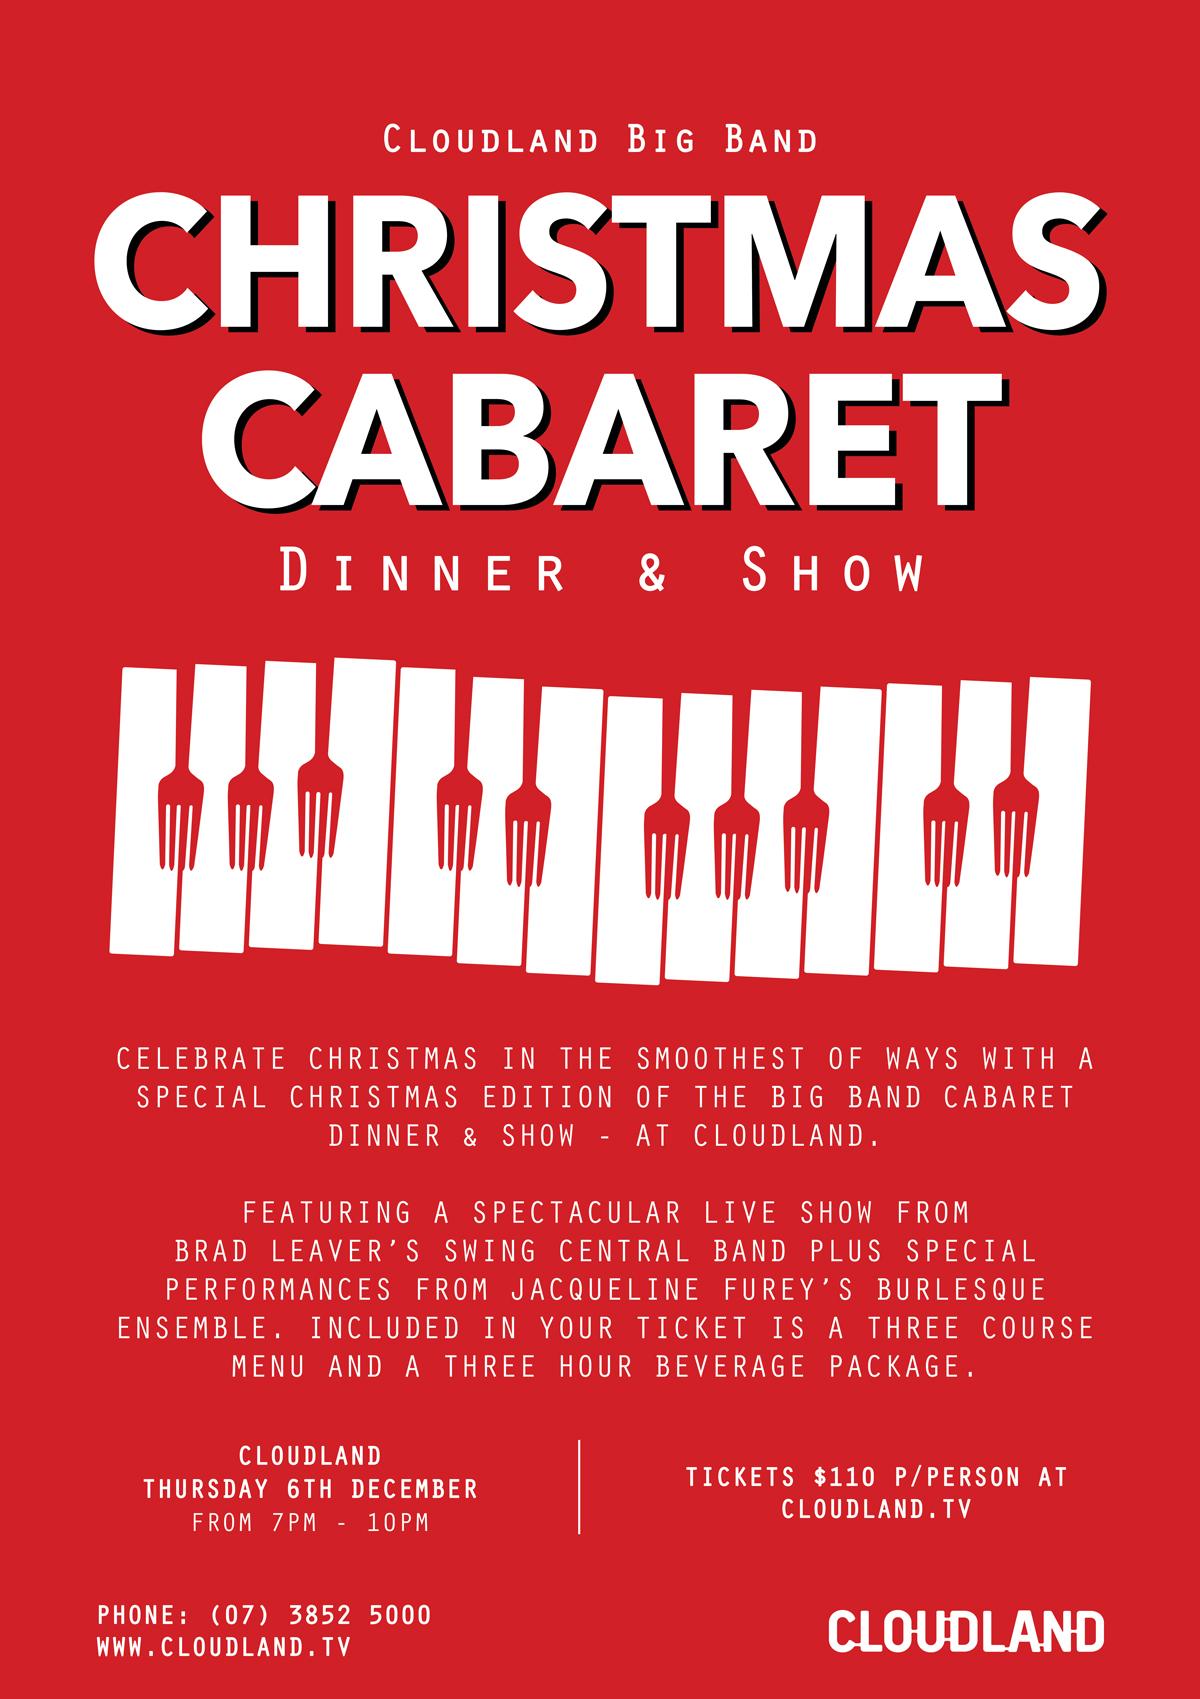 Cloudland Christmas Cabaret Dinner & Show